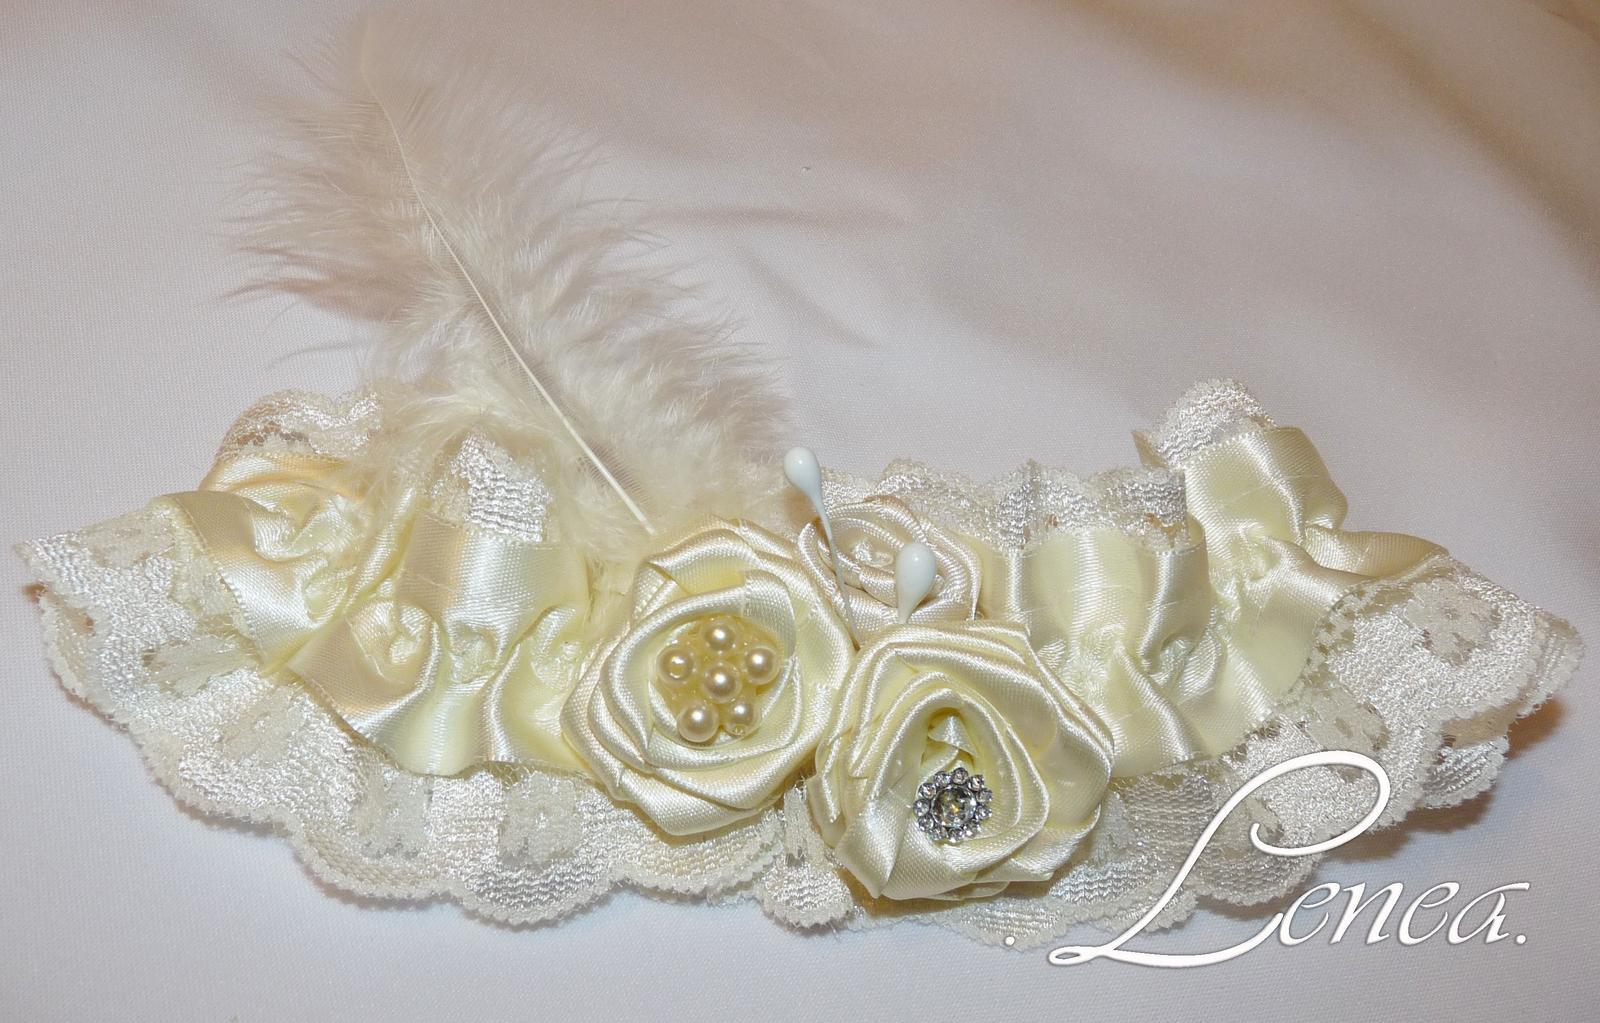 Svatební podvazek Evita-krémový - Obrázek č. 1